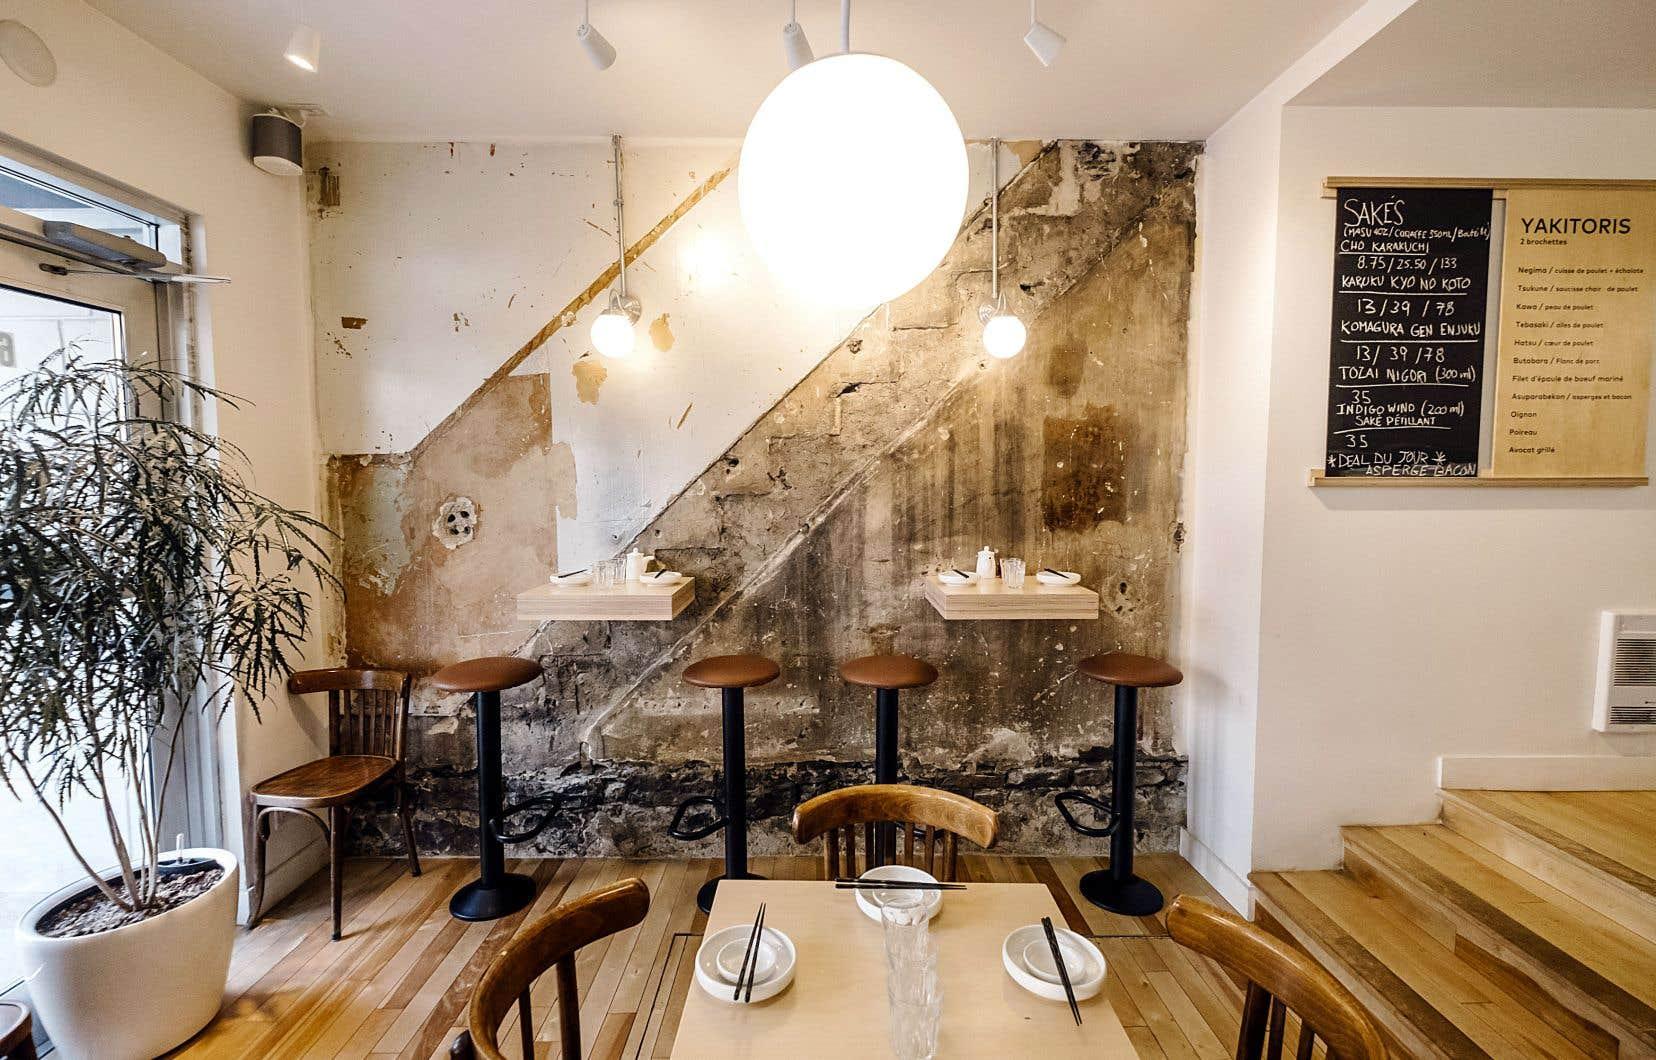 Pour ce resto d'une trentaine de places, les propriétaires ont voulu créer une ambiance urbaine et décontractée, avec un décor où dominent les planches nues. Le mur de briques laisse deviner le tracé de l'ancien escalier.